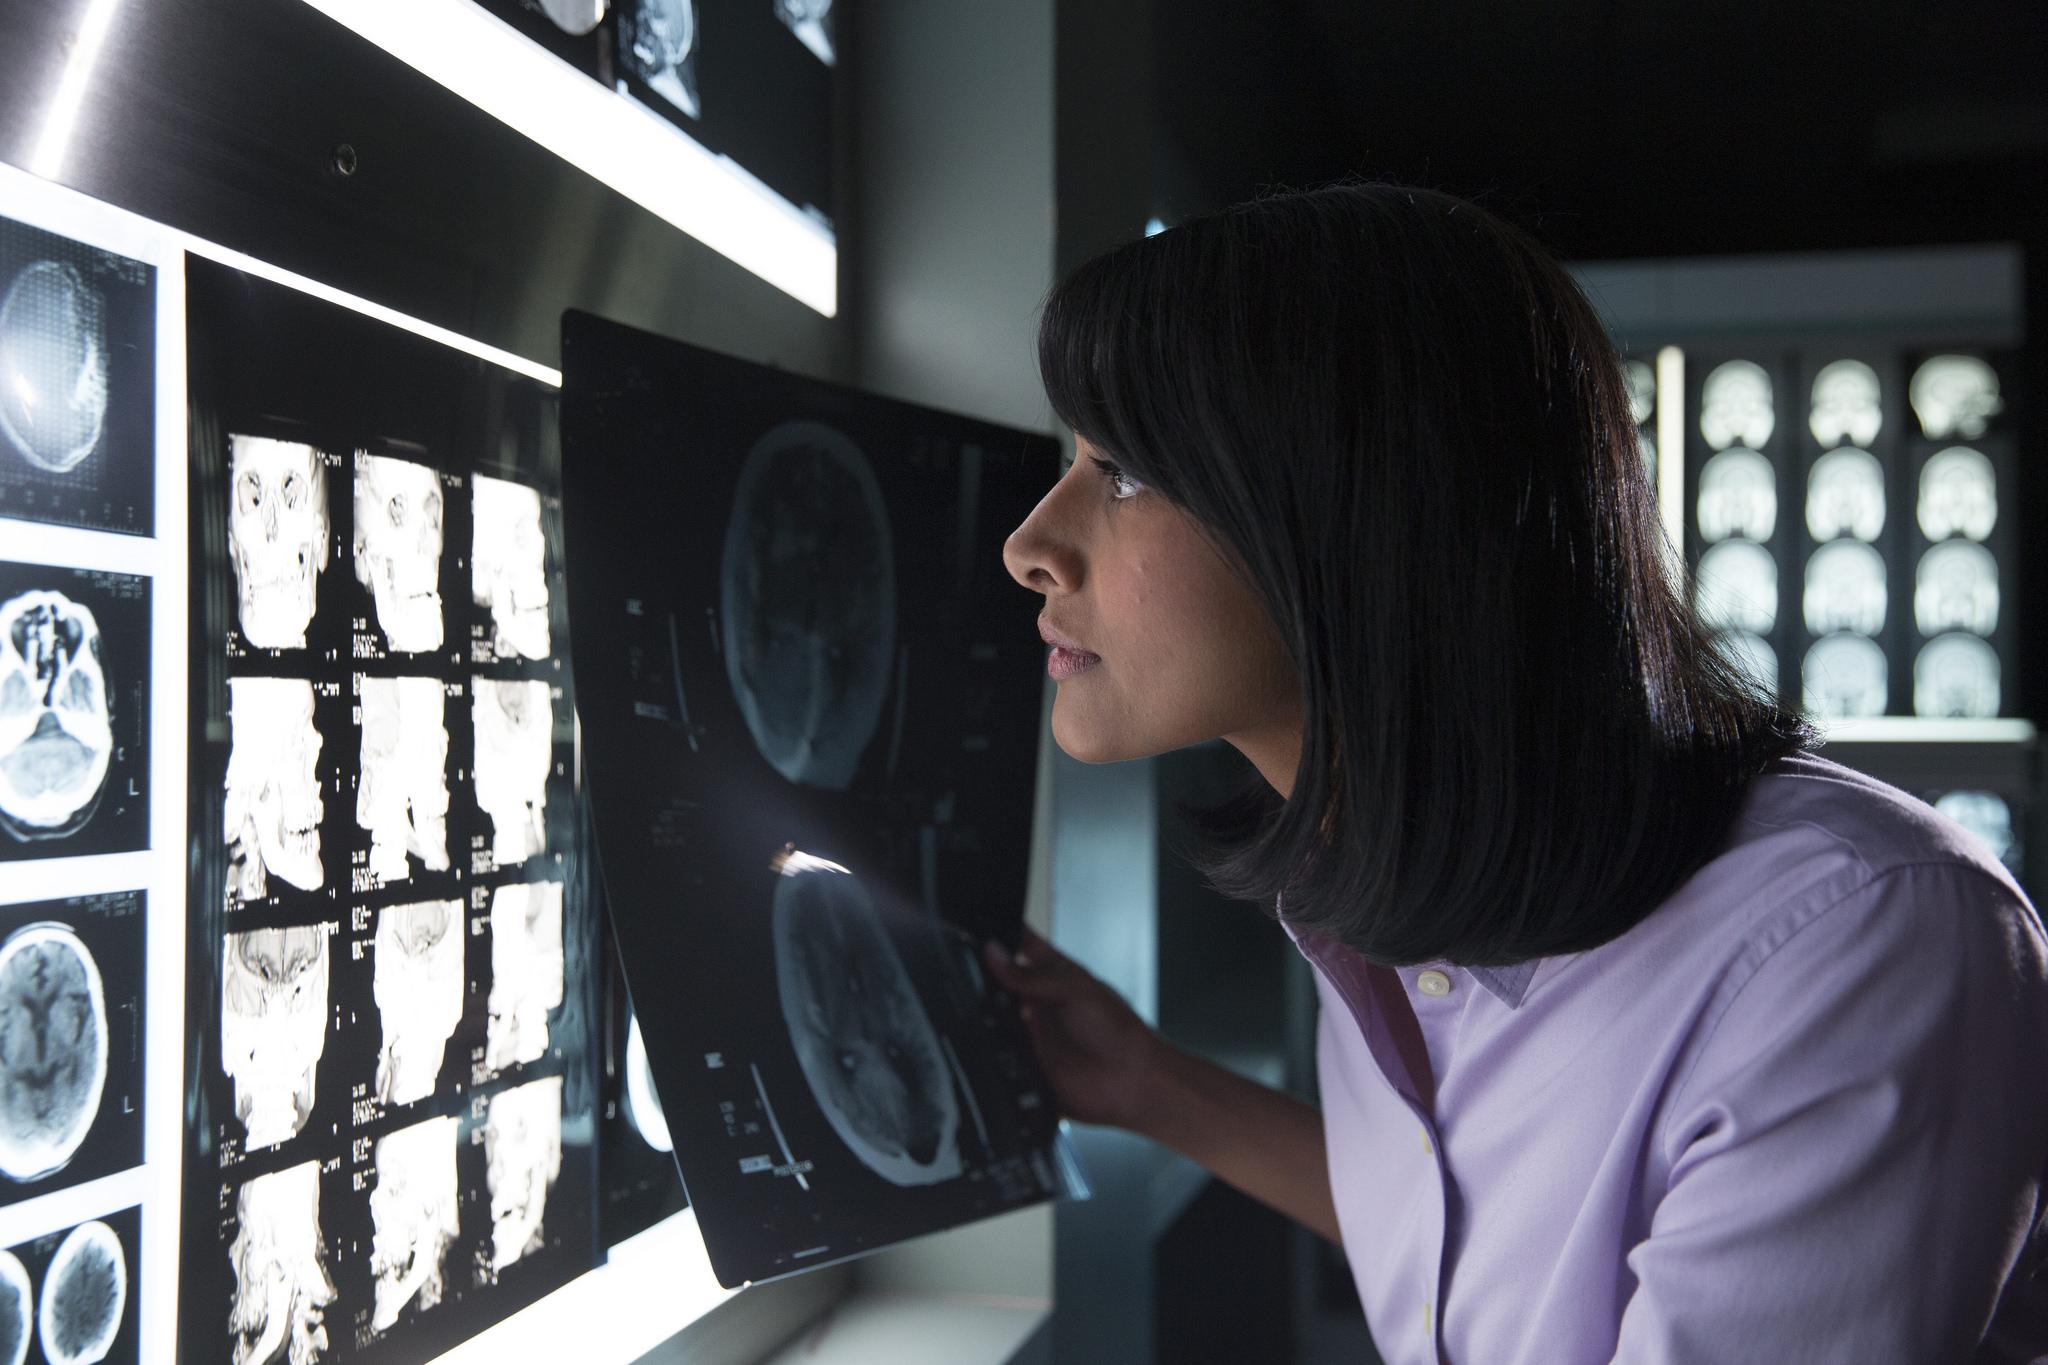 IBM Quer Dar um Salto na Medicina com a Inteligência Artificial